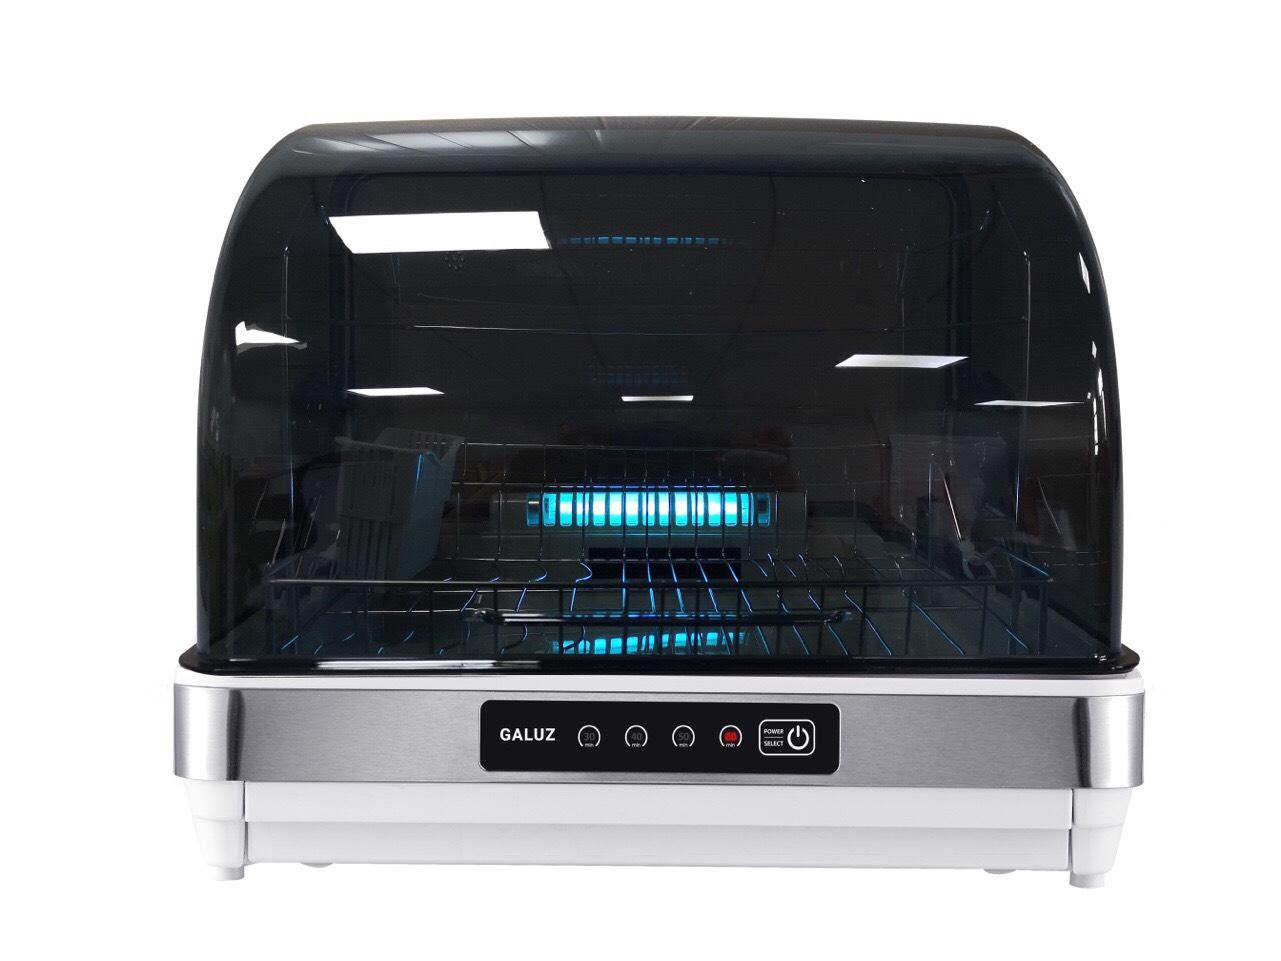 Máy sấy và diệt khuẩn bát đĩa bằng tia UV GALUZ dung tích 42L model BJG-68, hàng chính hãng